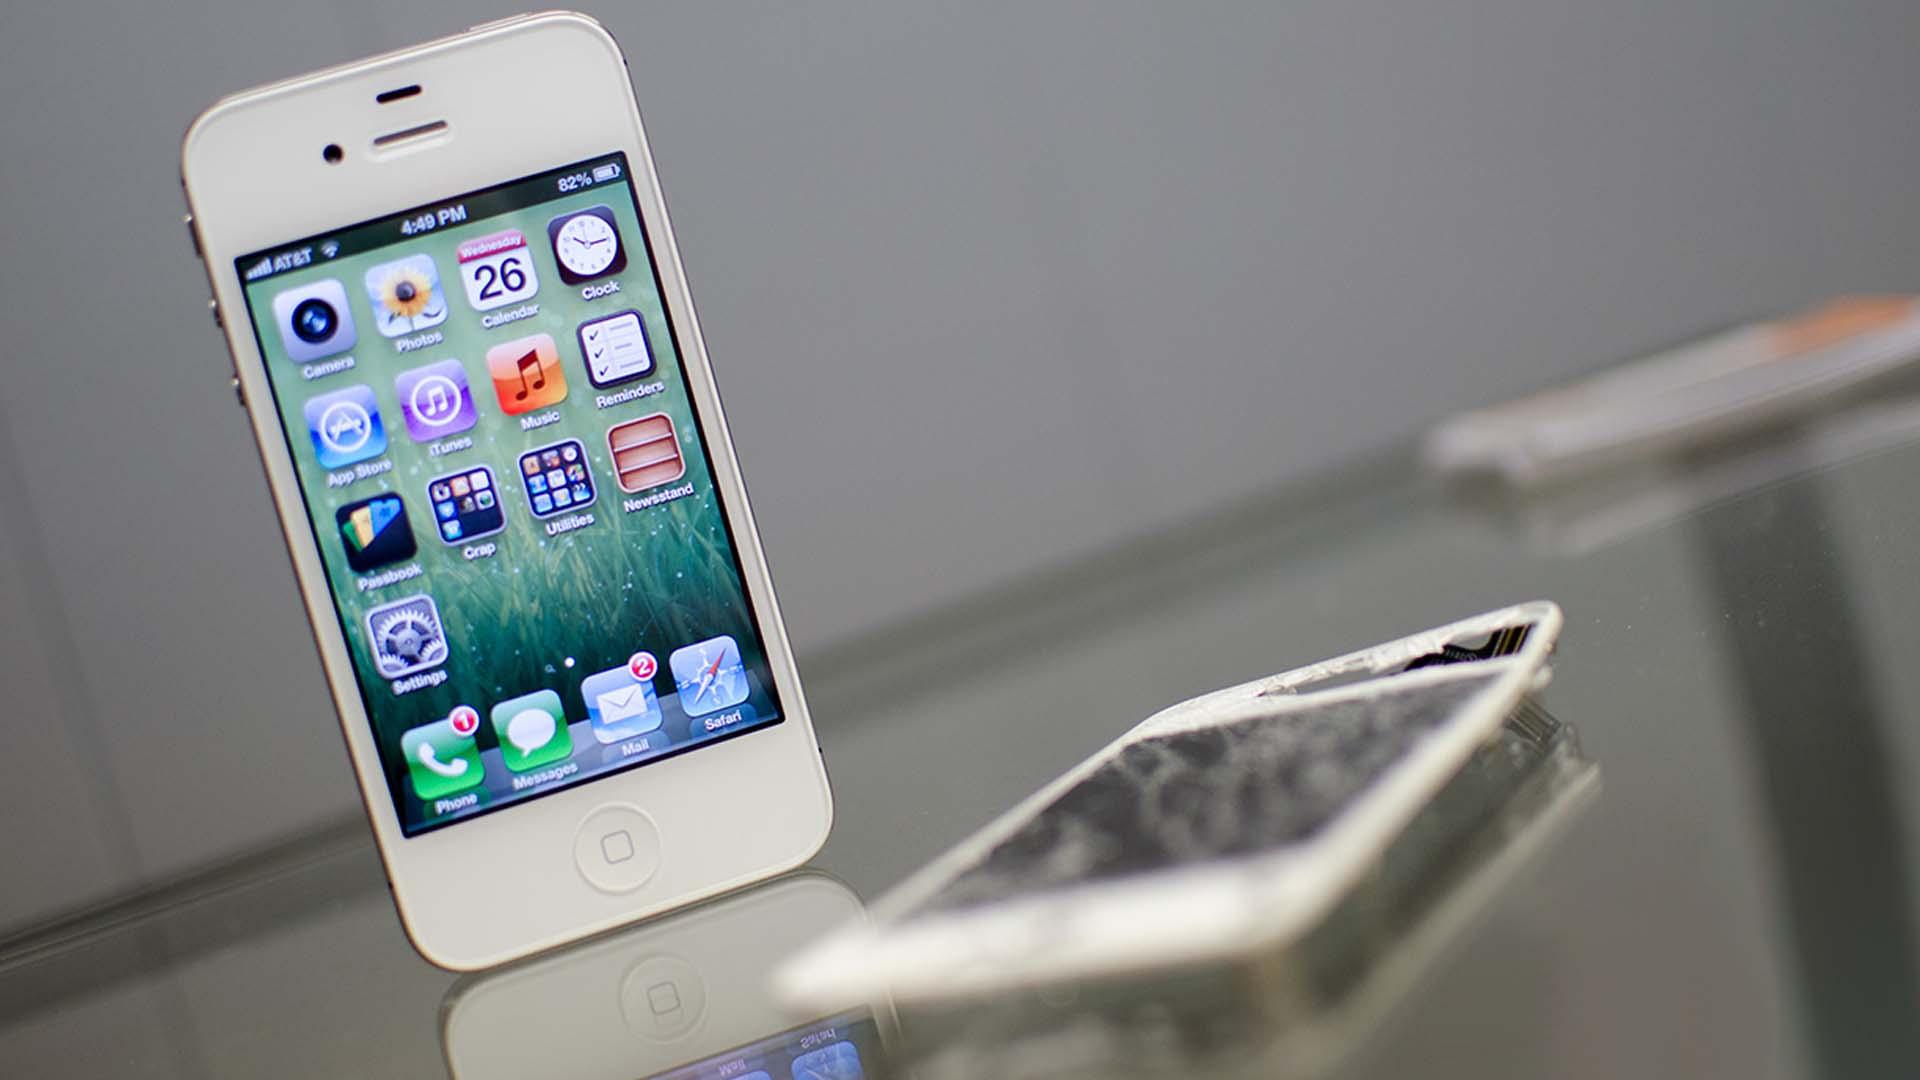 IPHONE SCREEN DAMAGE REPAIR